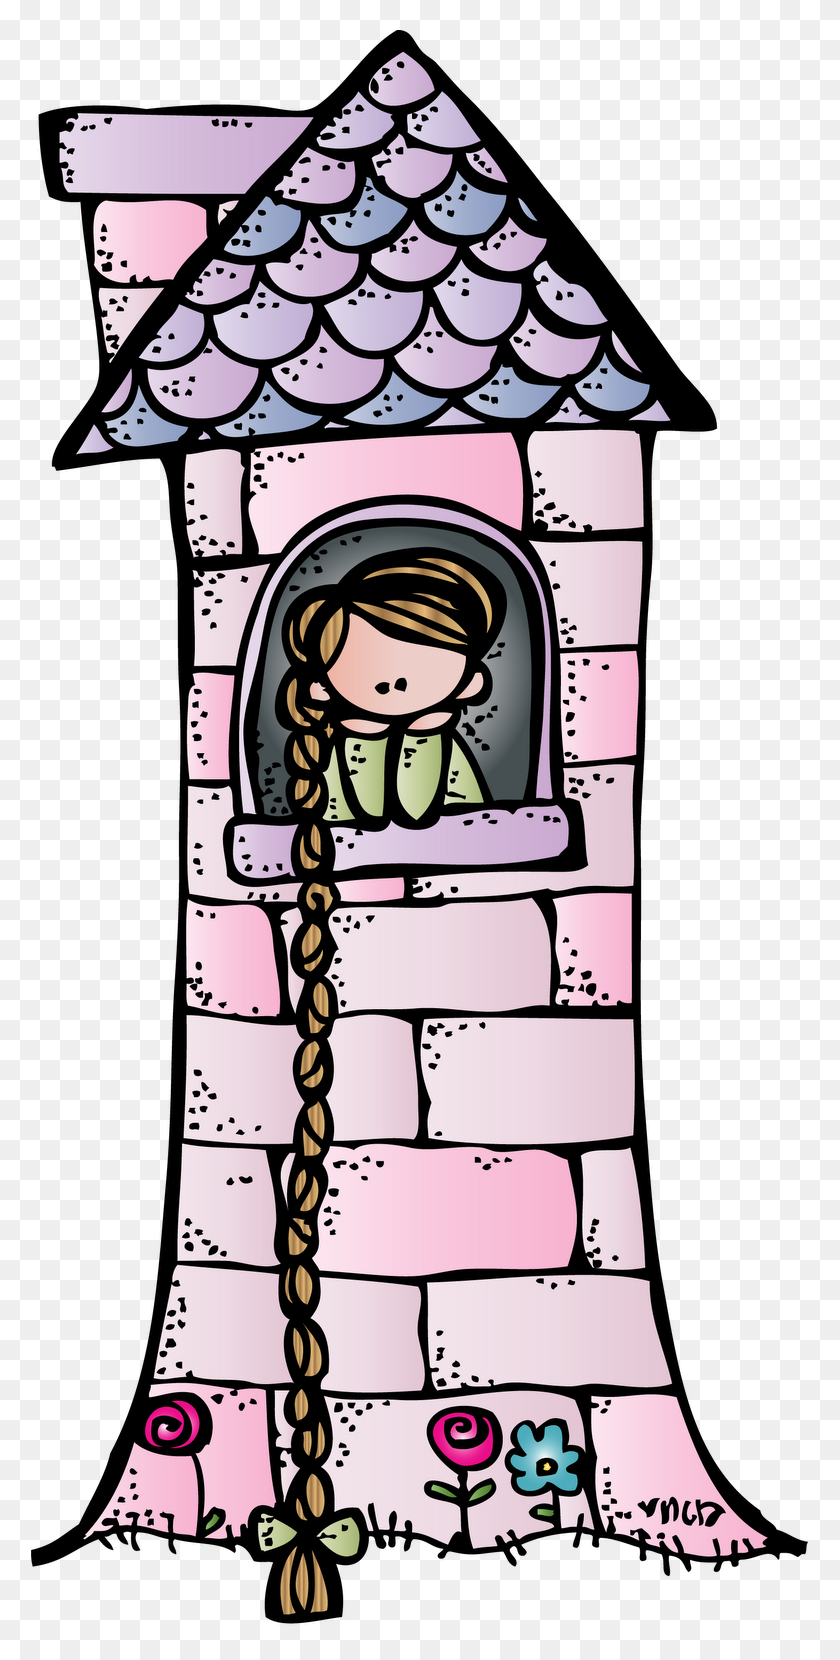 Rapunzel Clipart Cartoon - Rapunzel Clipart